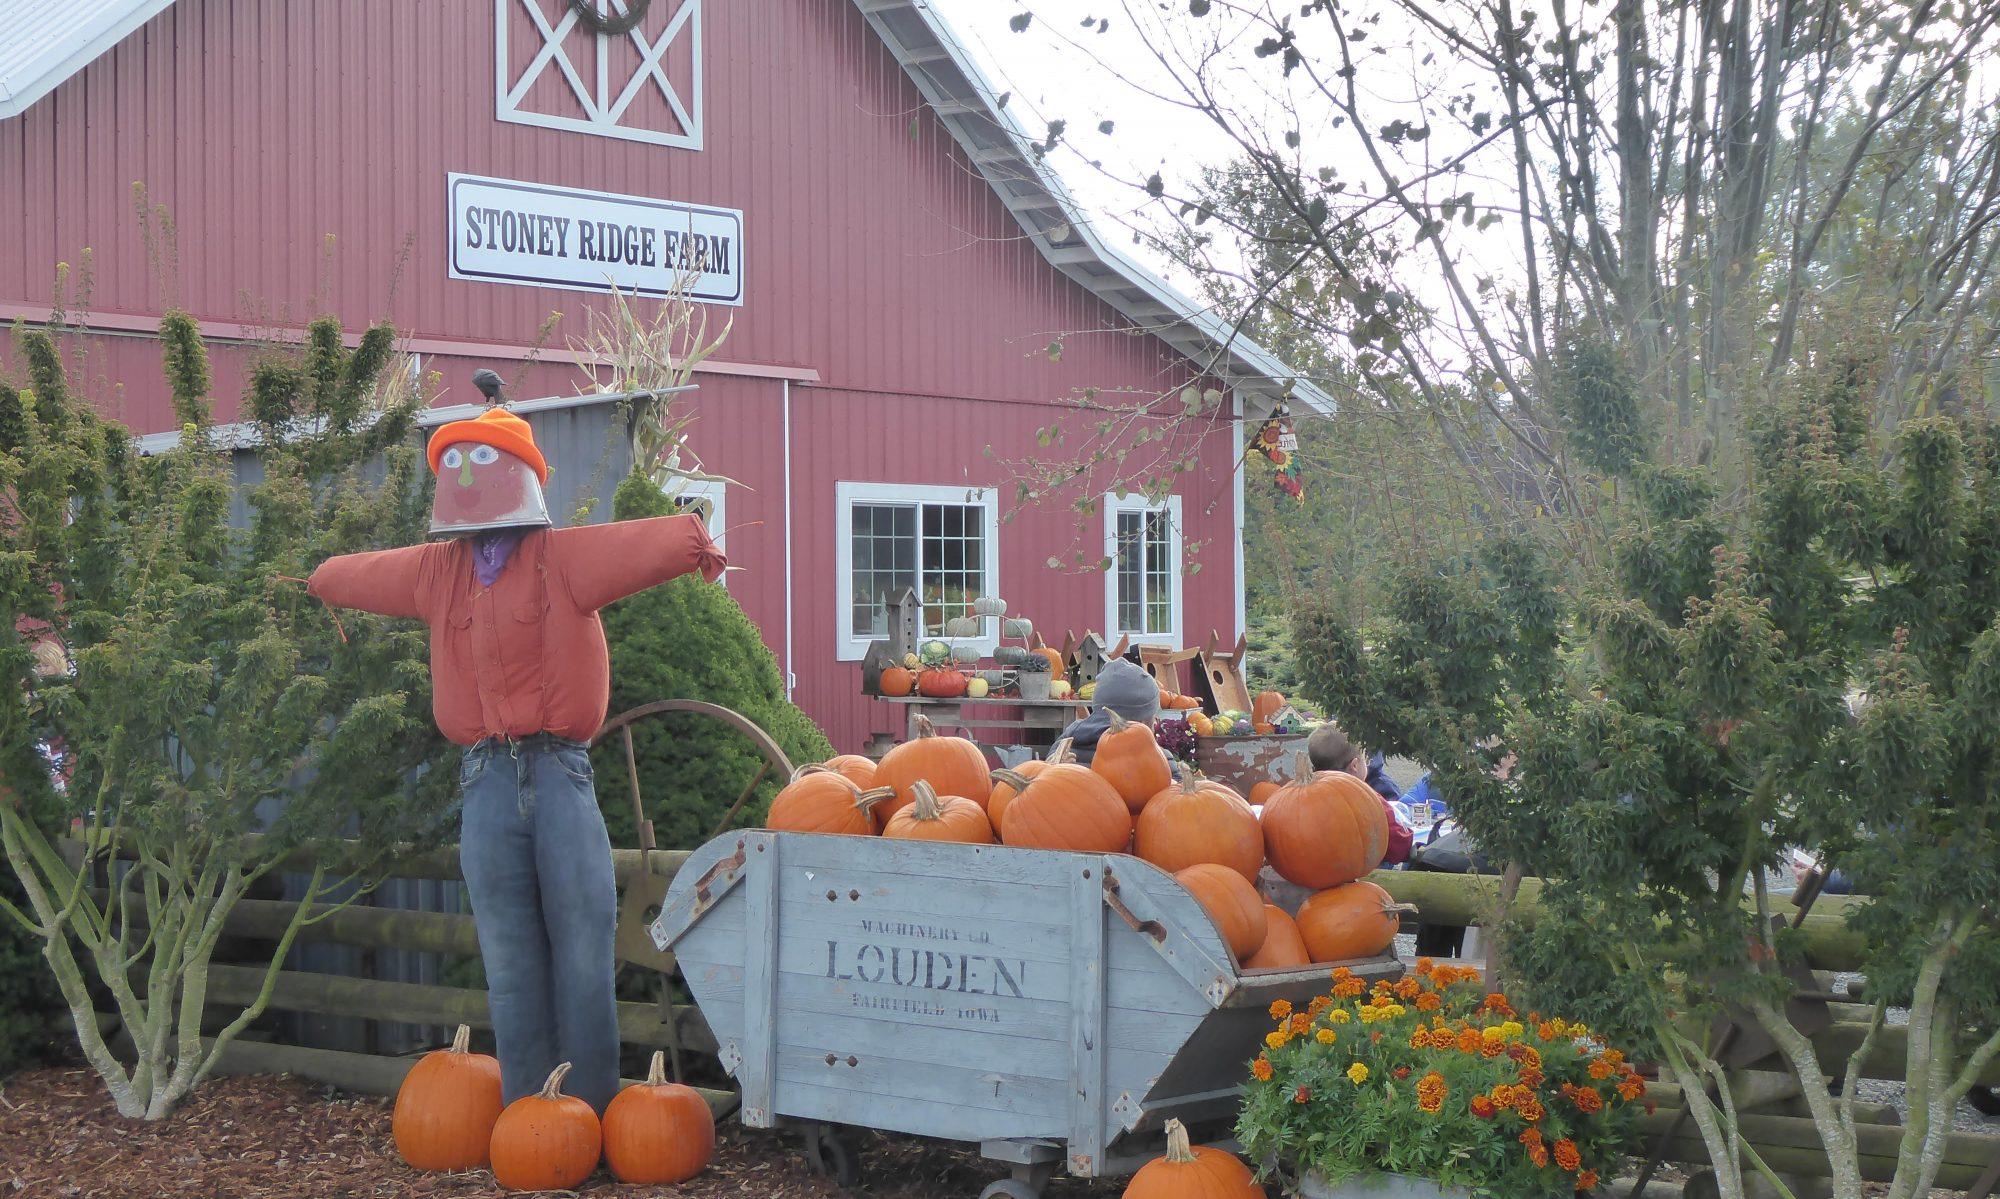 Stoney Ridge Farm